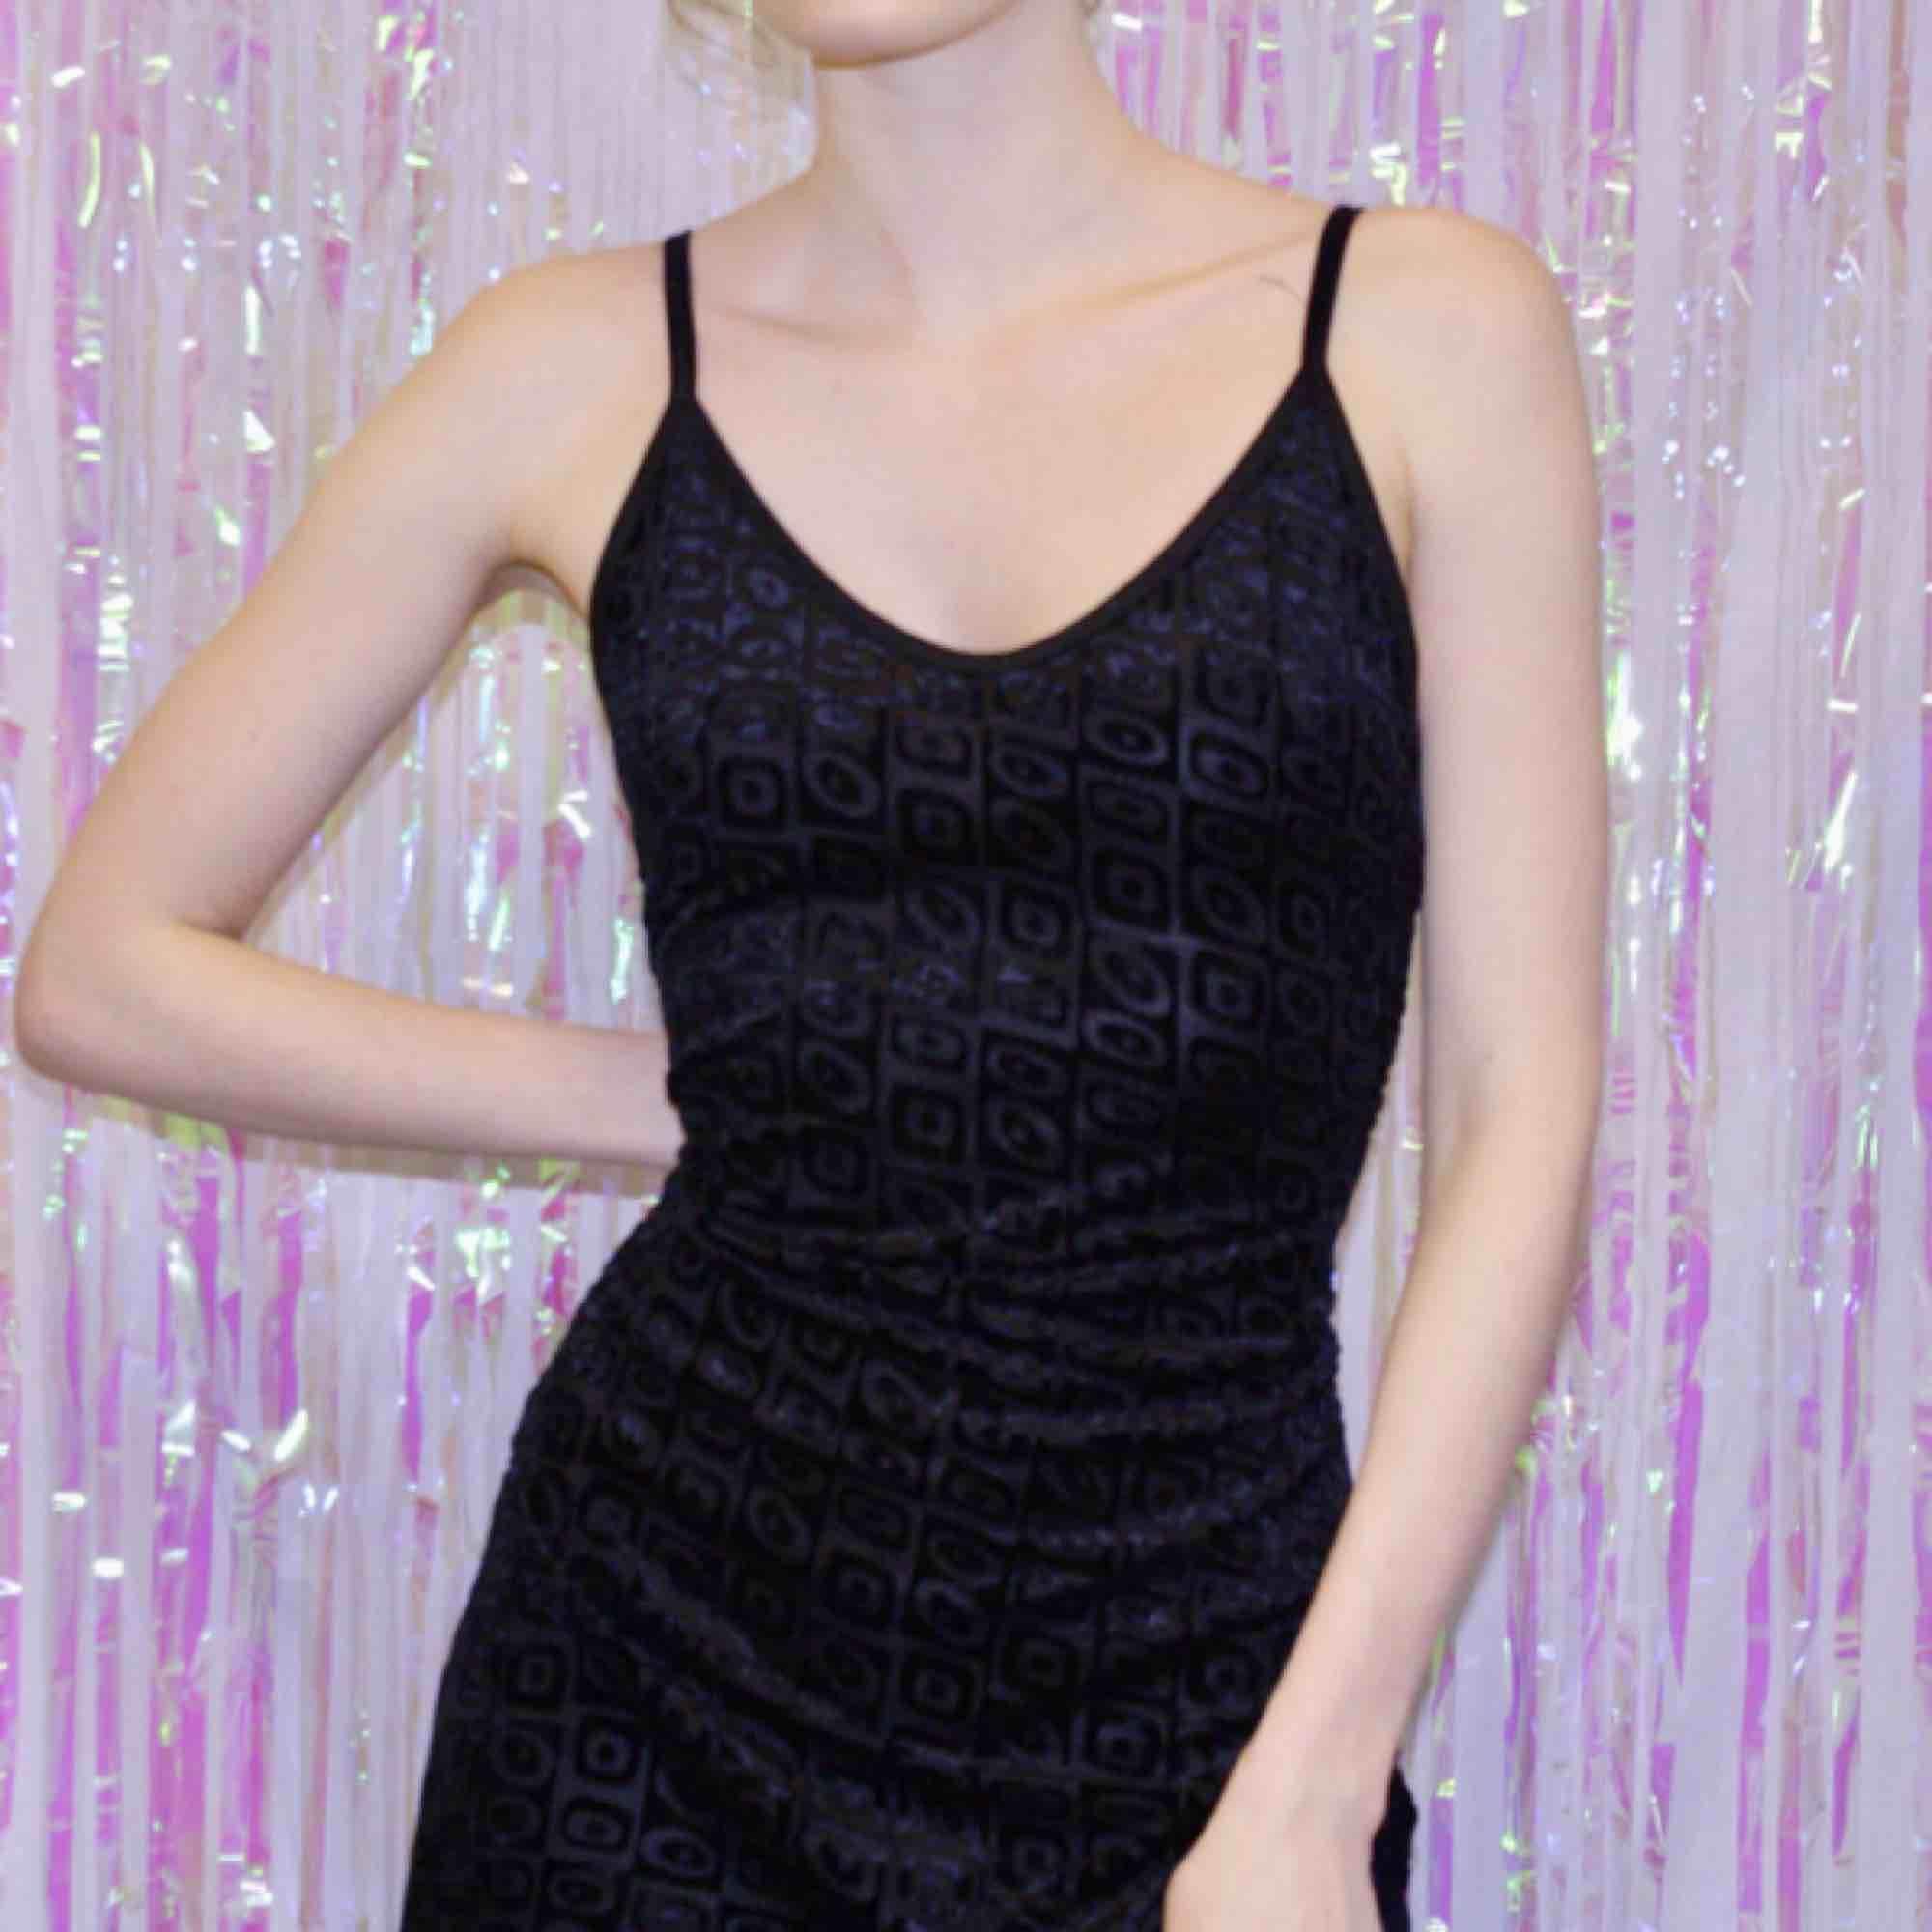 🍒LBD🍒 Fräsigaste lilla svarta med sammets mönster i strl M. Gamal 90-tals pärla från HM. Mjukt tyg i fint skick. Såå fin att styla med chuncky heels. Girl next door vibez only. Frakt tillkommer. puss o K🍒. Klänningar.